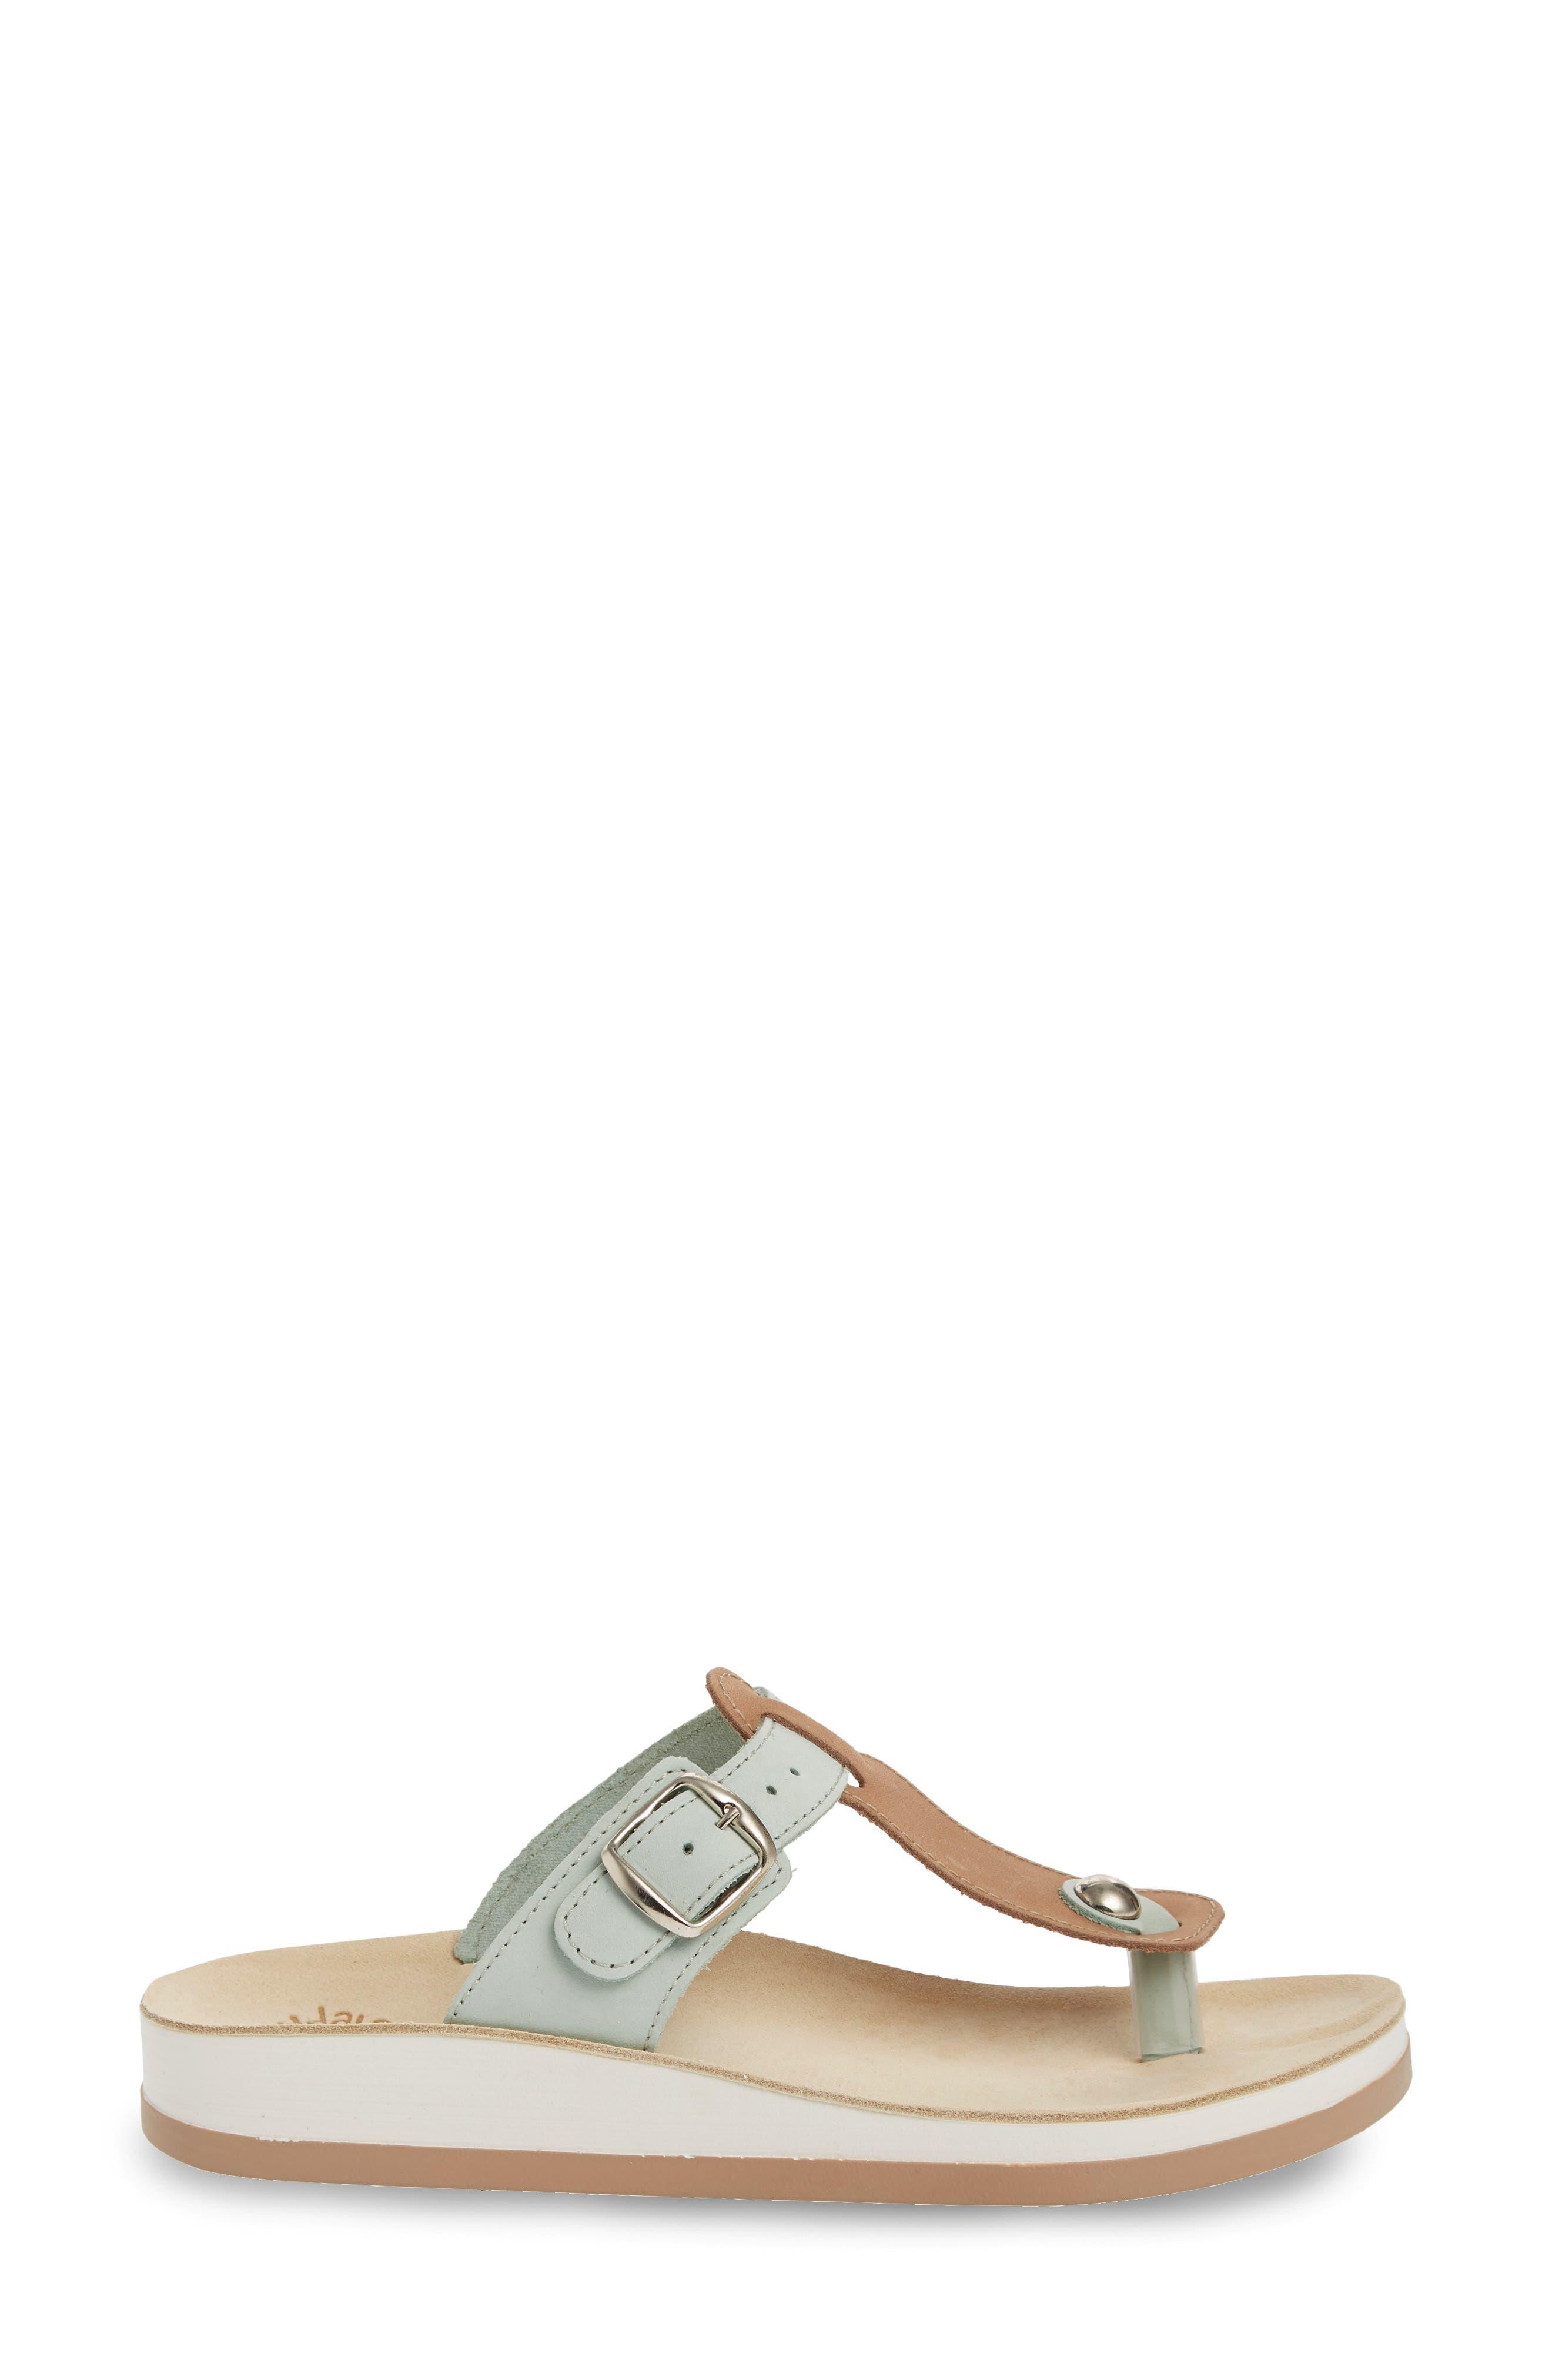 Viola Sandal,                             Alternate thumbnail 3, color,                             Pistachio Beige Leather